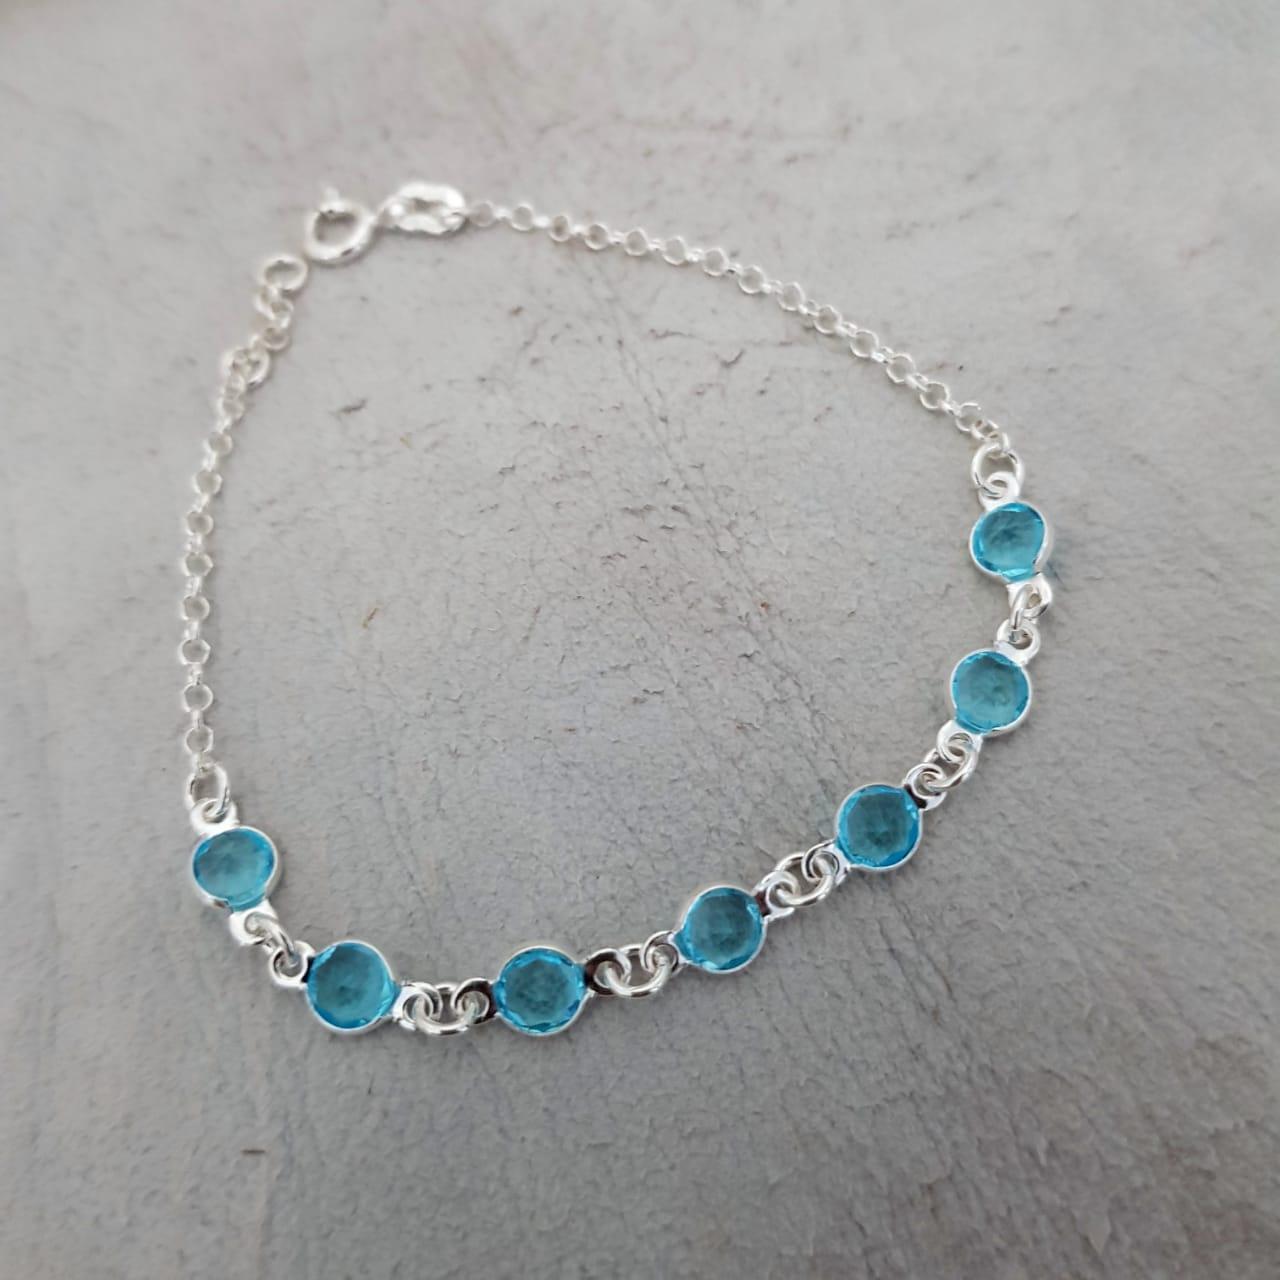 Pulseira de Prata Zircônia Azul